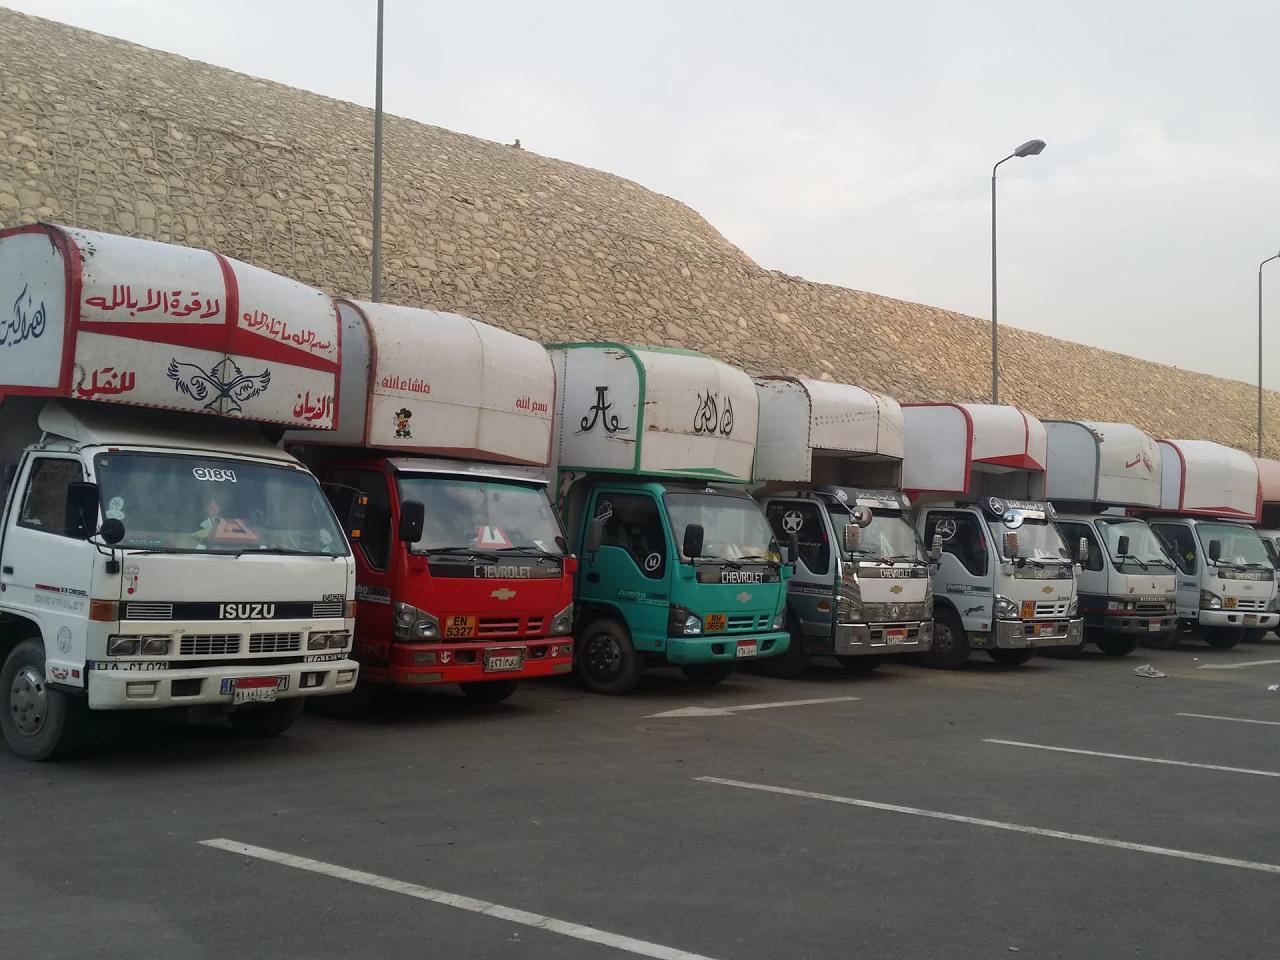 صورة شركات نقل عفش فى مصر , معقول يوجد هذا الشركات فى مصر لان